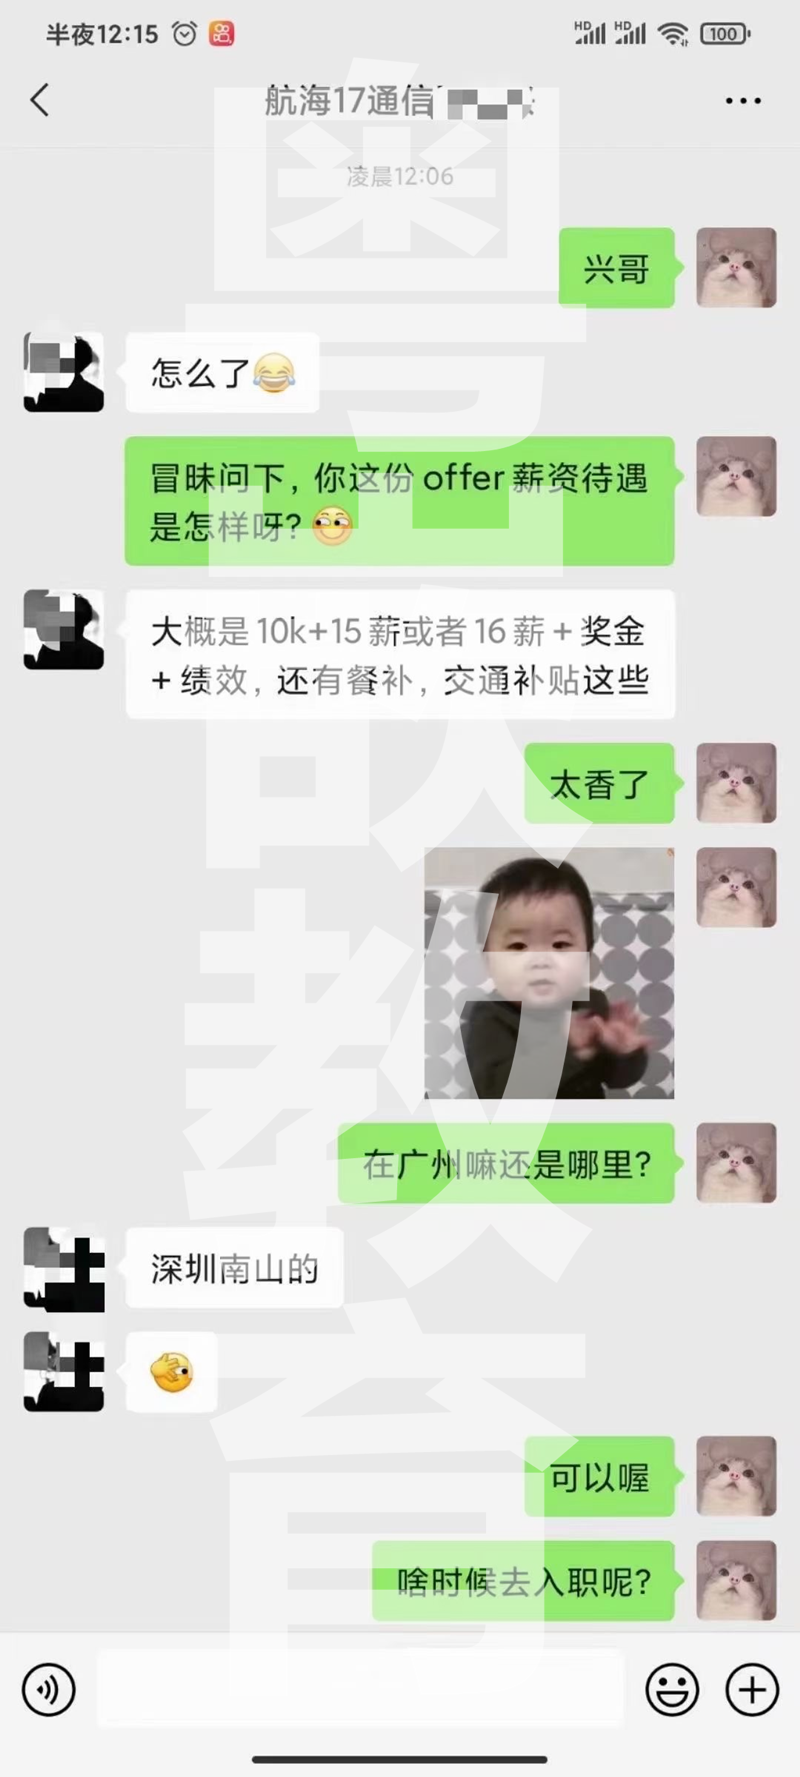 粤嵌教育学员:两份10K+offer真香!